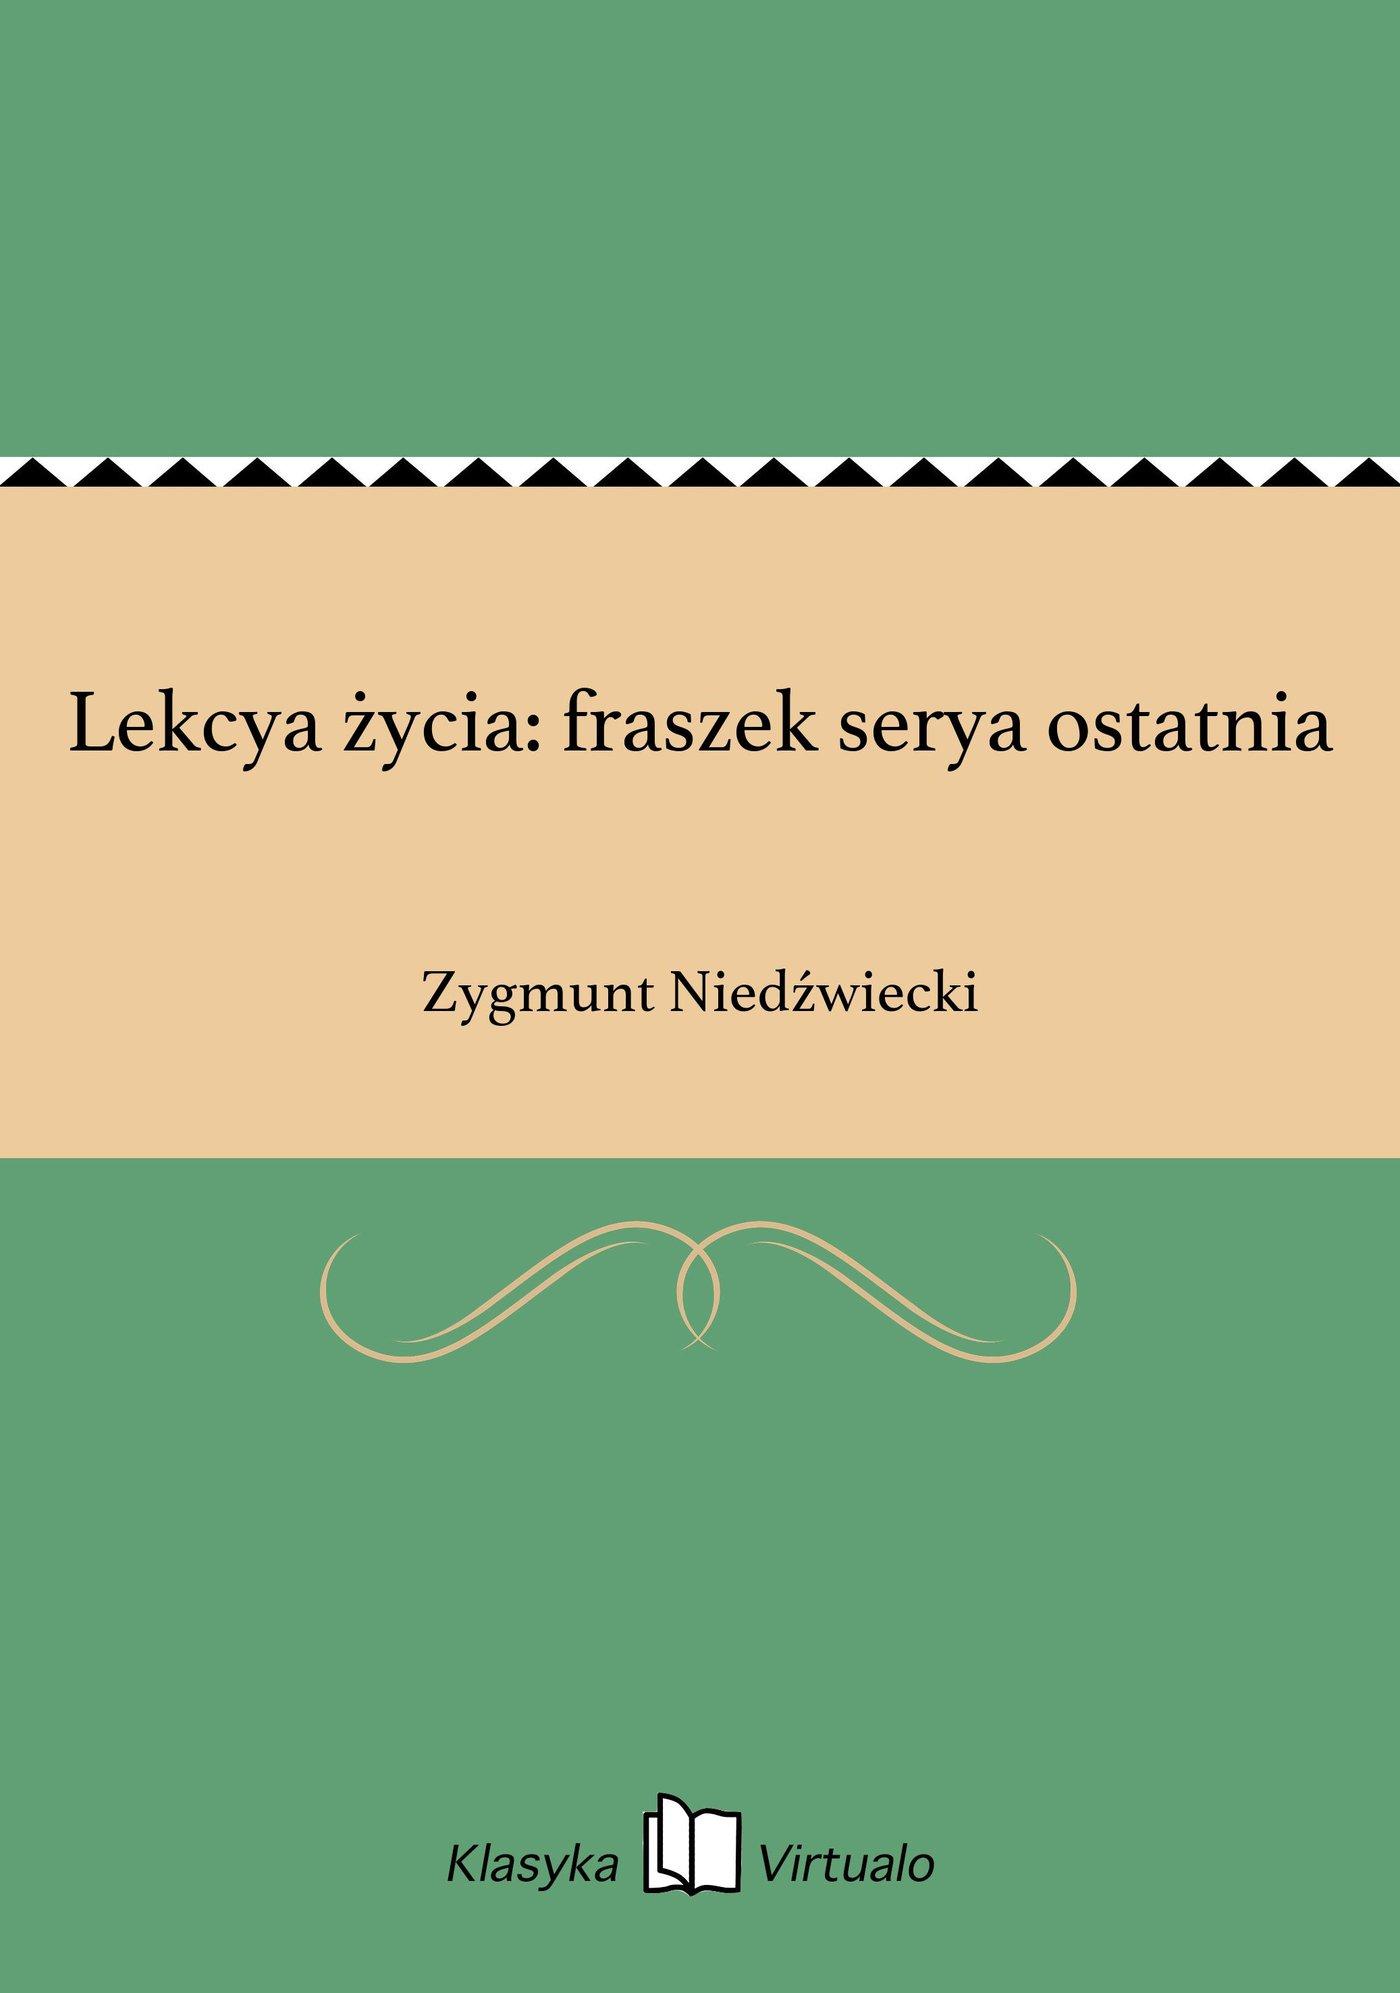 Lekcya życia: fraszek serya ostatnia - Ebook (Książka EPUB) do pobrania w formacie EPUB